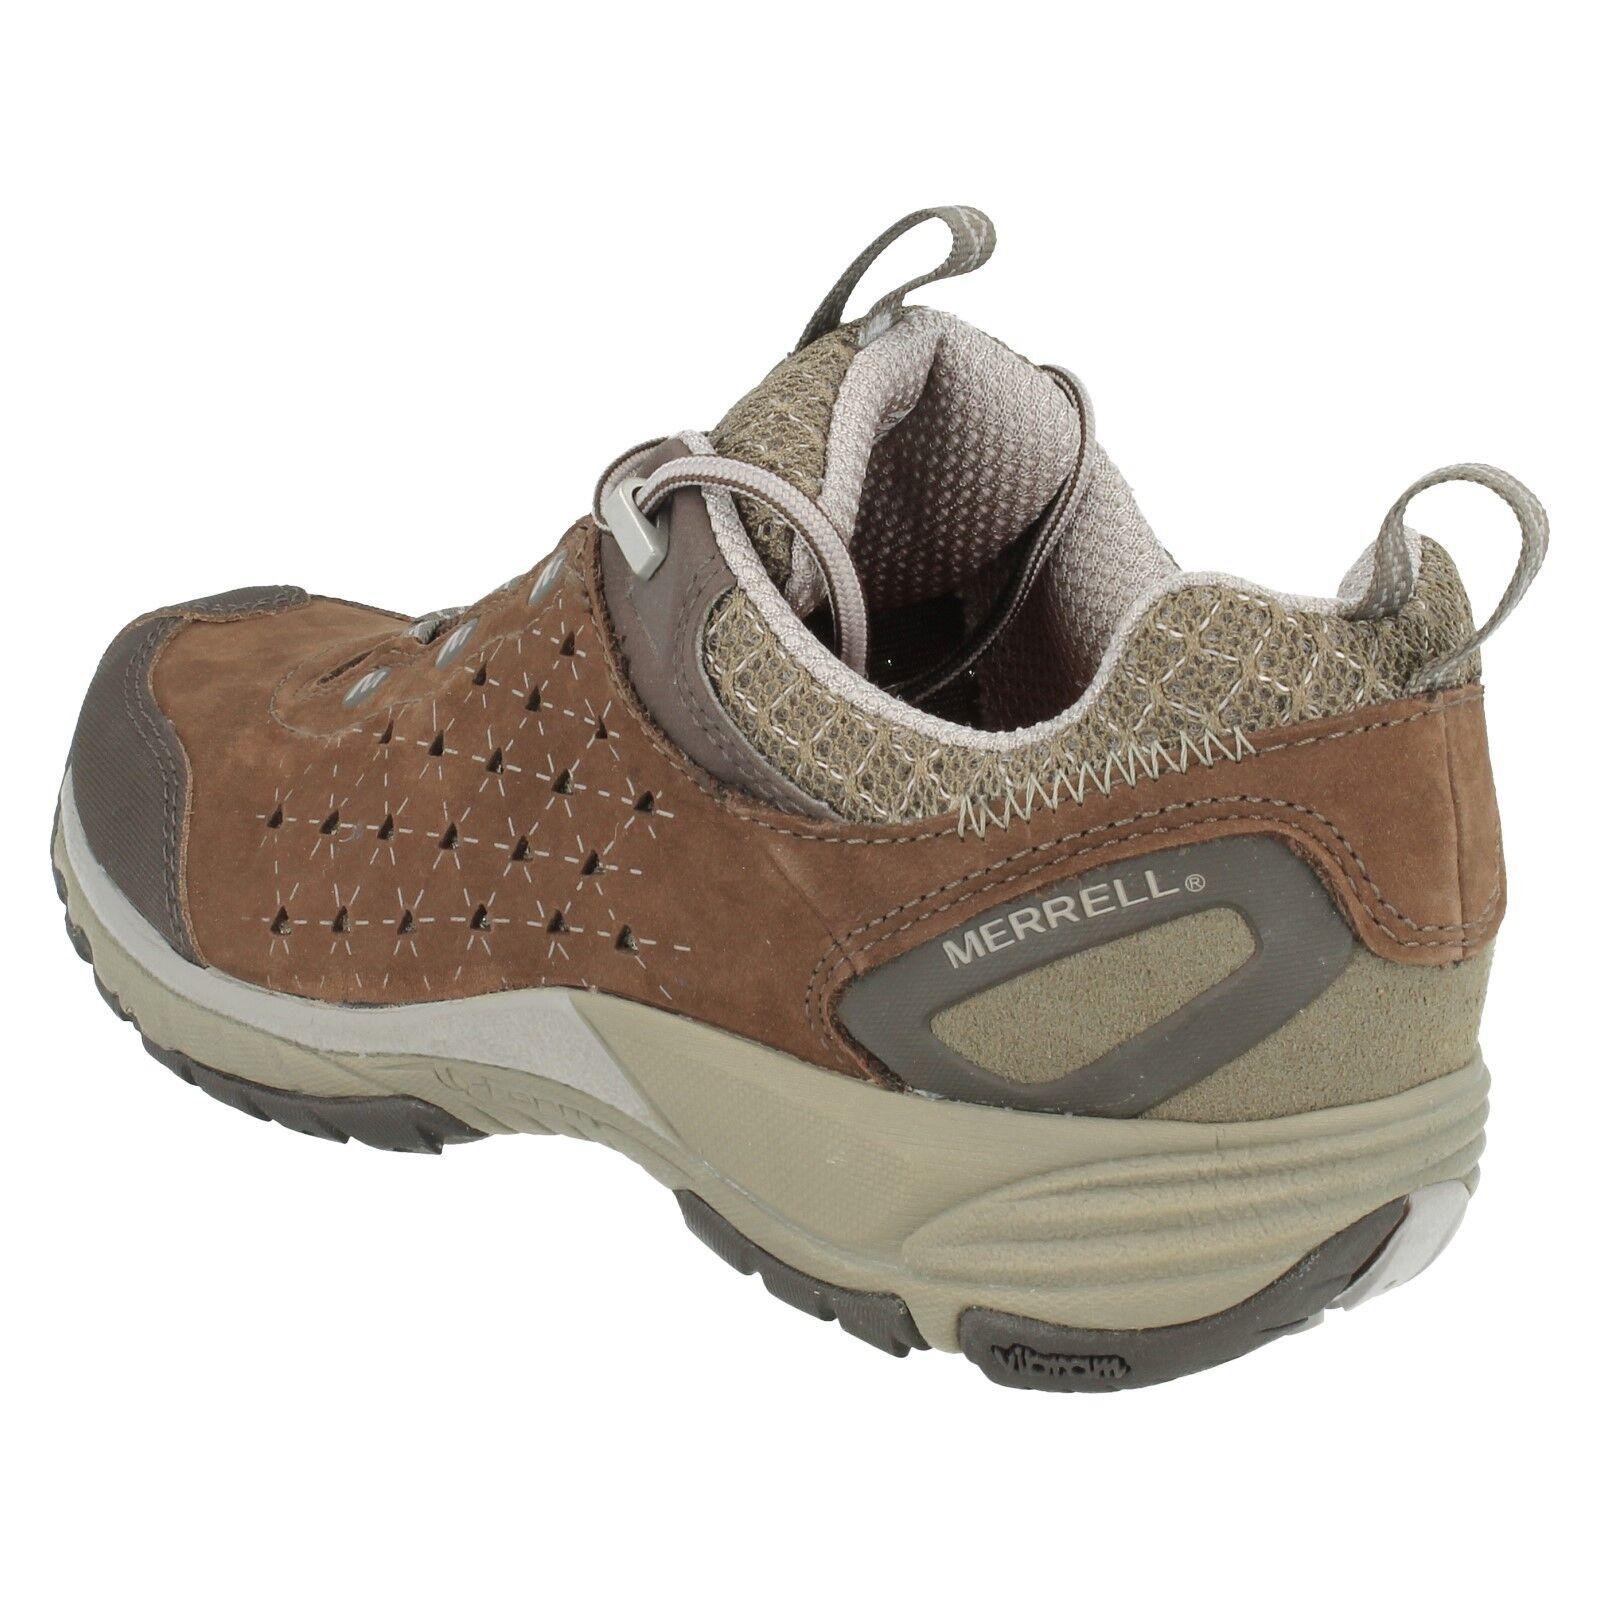 J16708/700 Leder Merrell Damen Avian hell Leder J16708/700 Wanderschuhe Schuhe 25a020